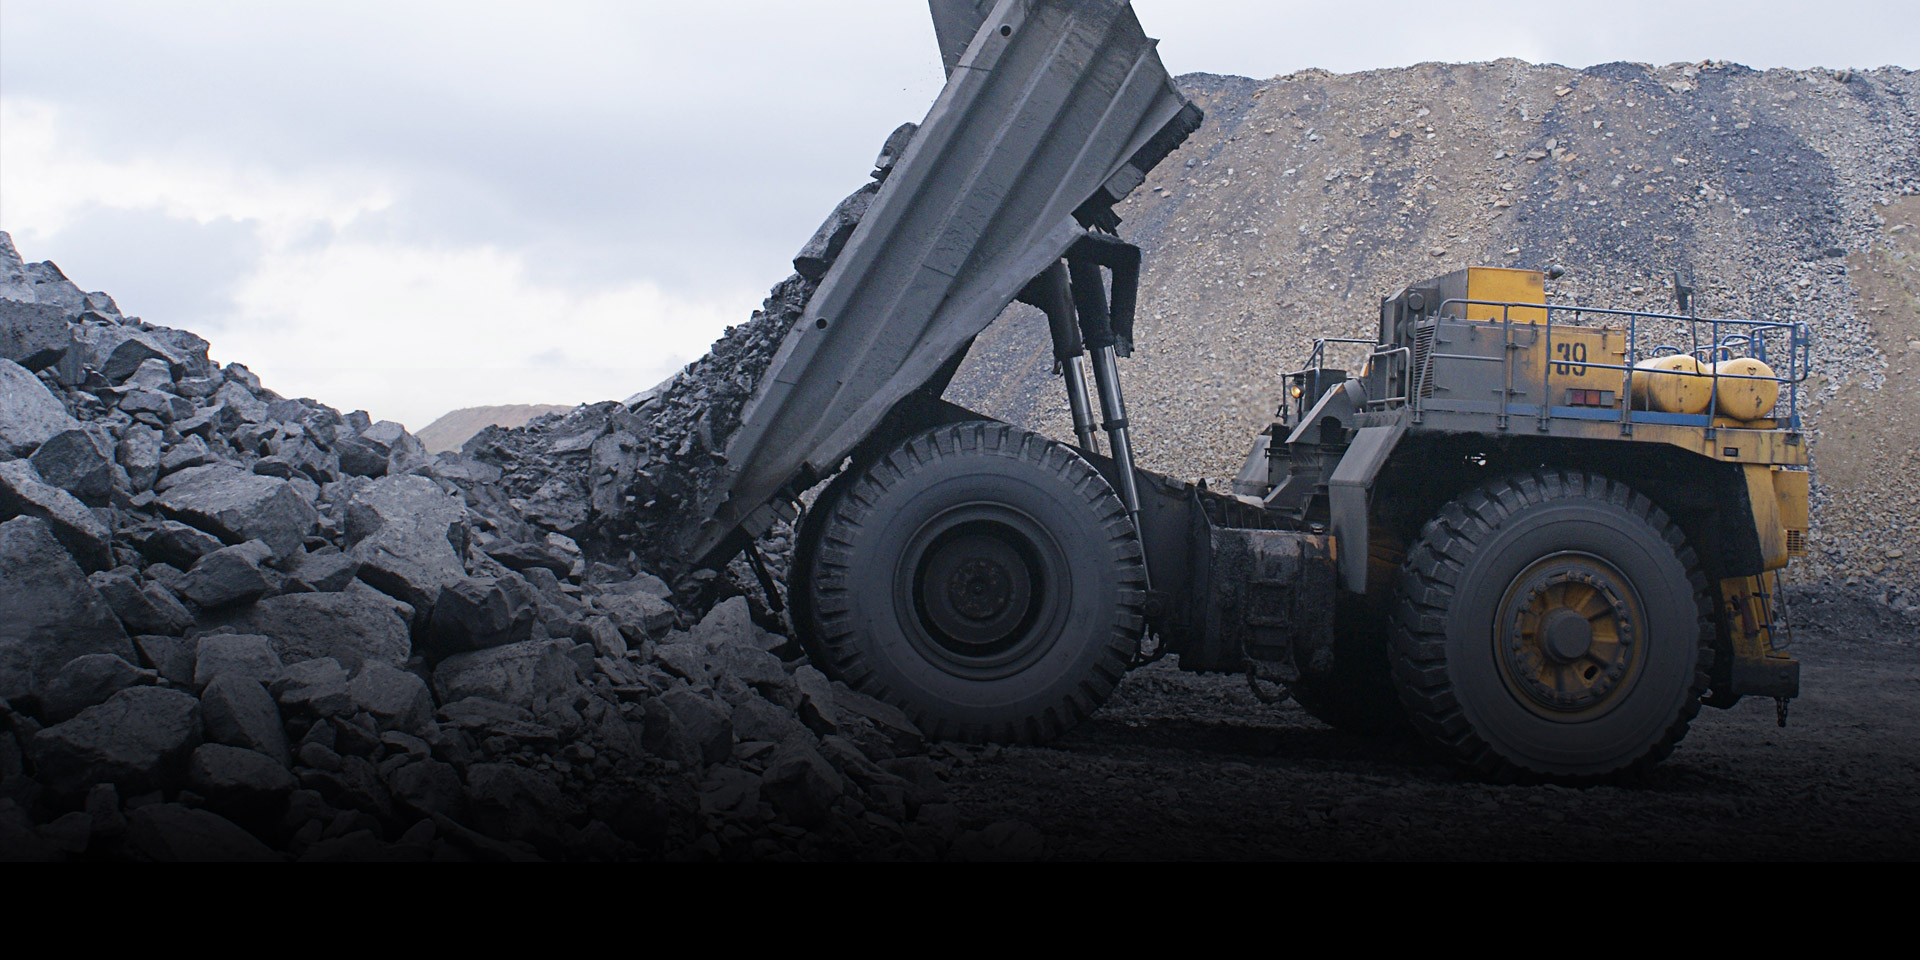 艾睿光电红外热成像仪应用于矿用安全